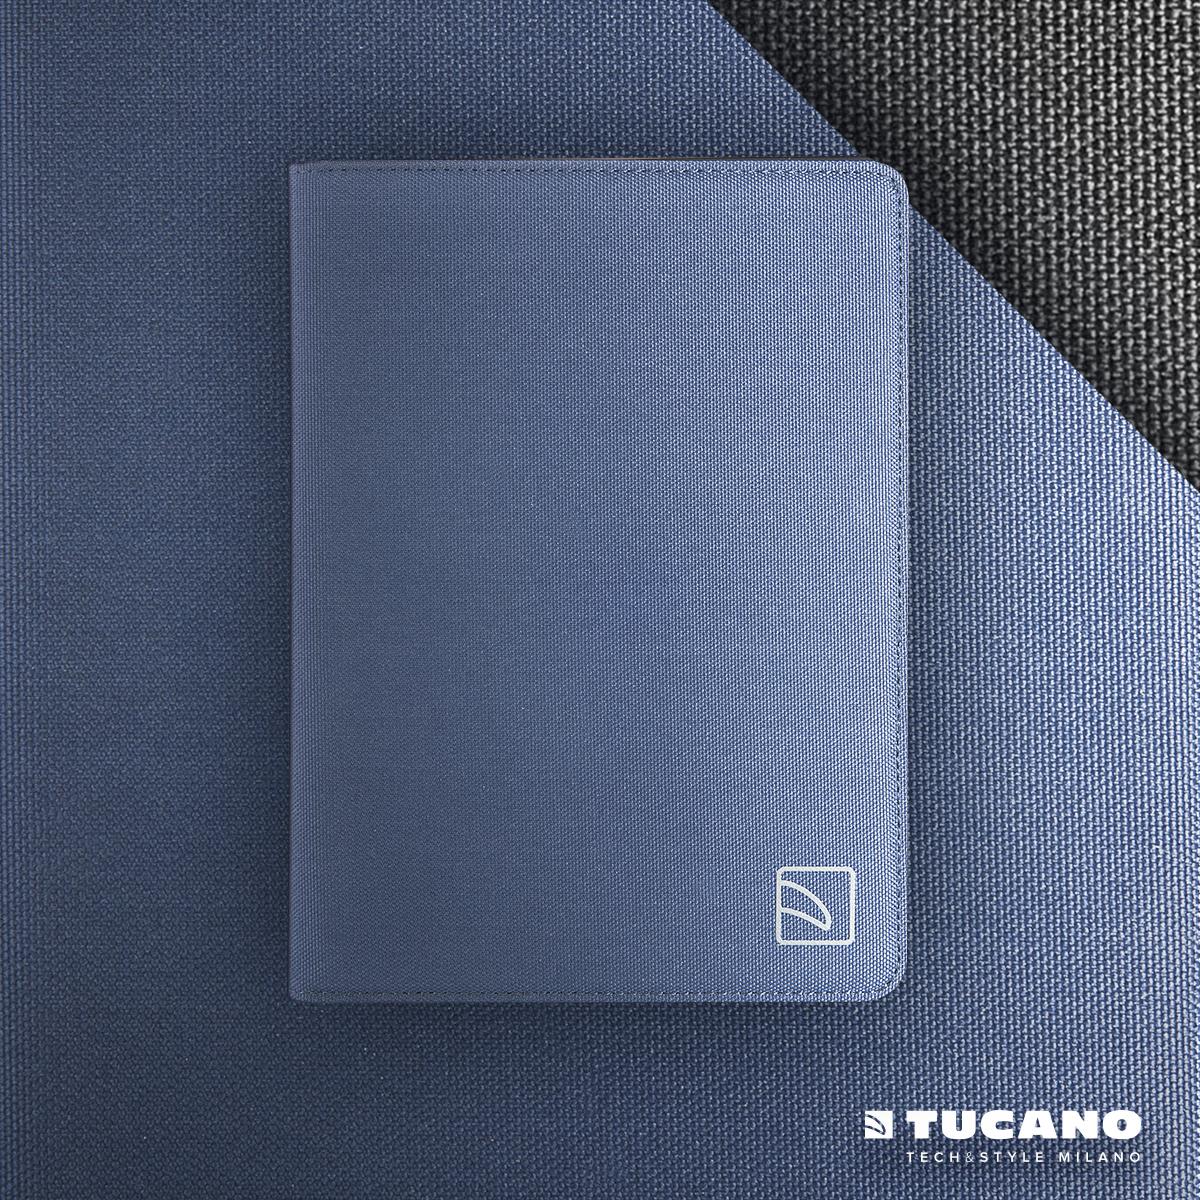 tucano_agosto31_06_card07